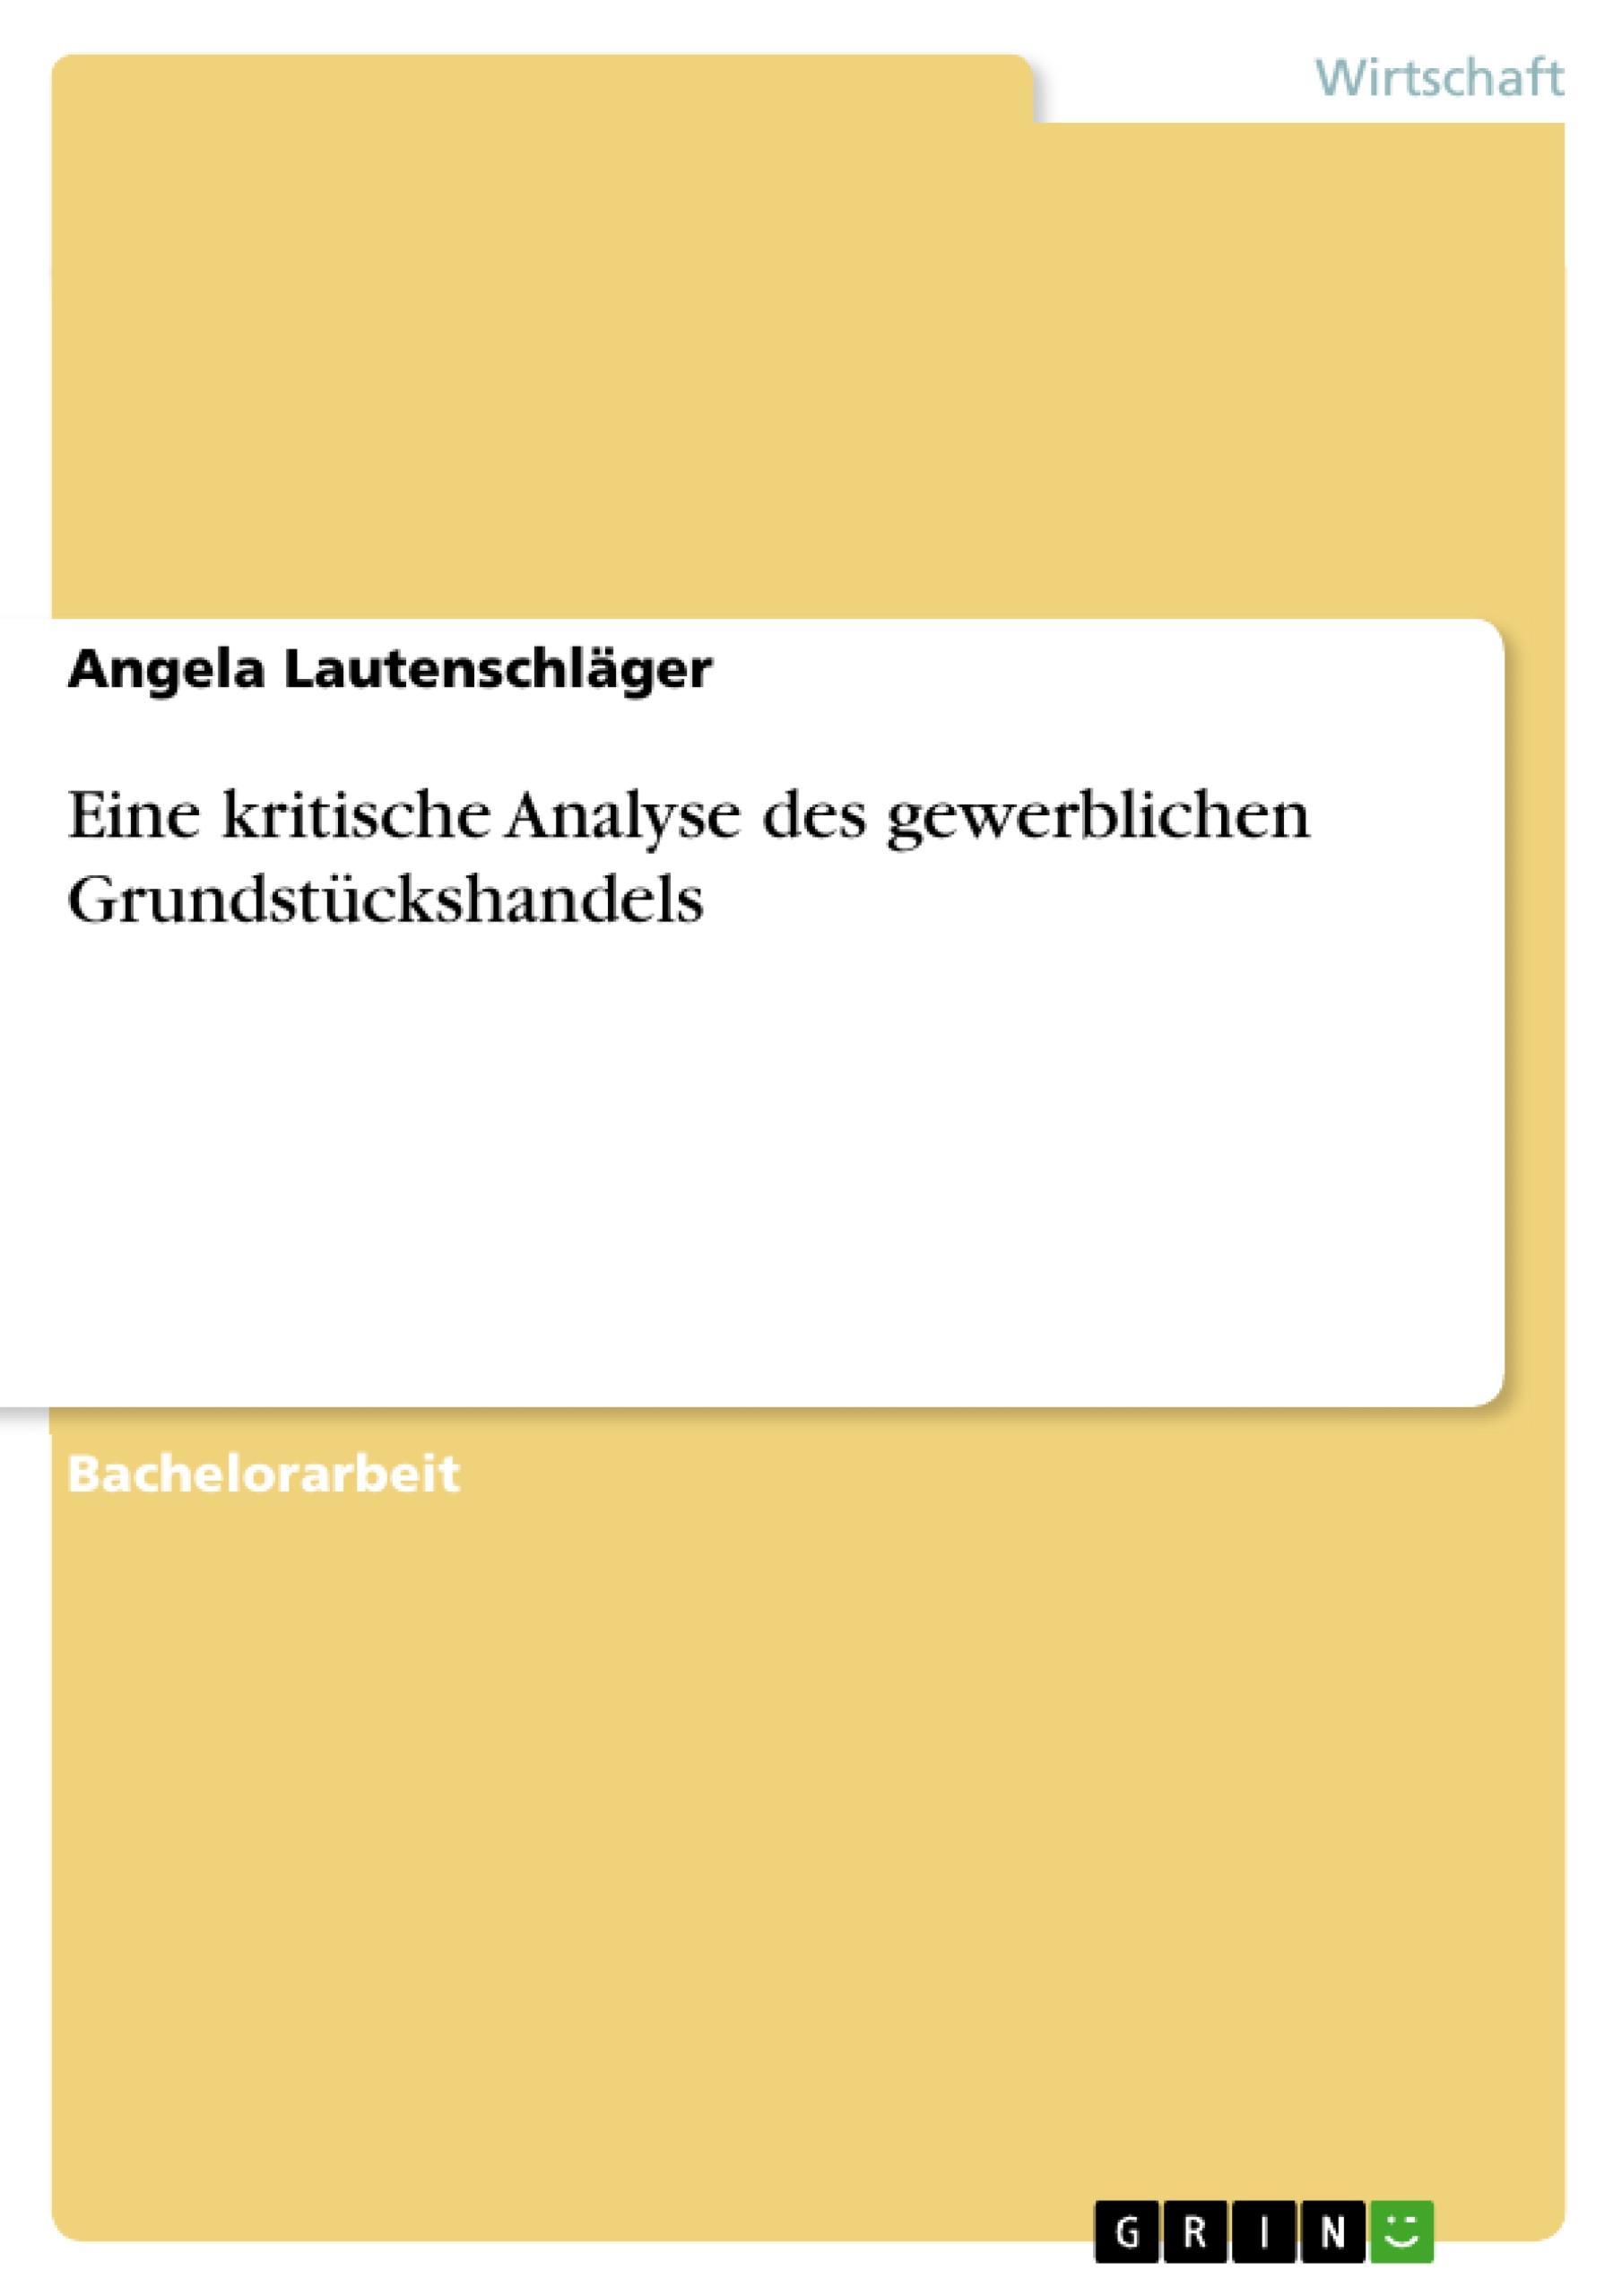 Eine kritische Analyse des gewerblichen Grundstückshandels  Angela Lautenschläger  Taschenbuch  Paperback  Deutsch  2018 - Lautenschläger, Angela